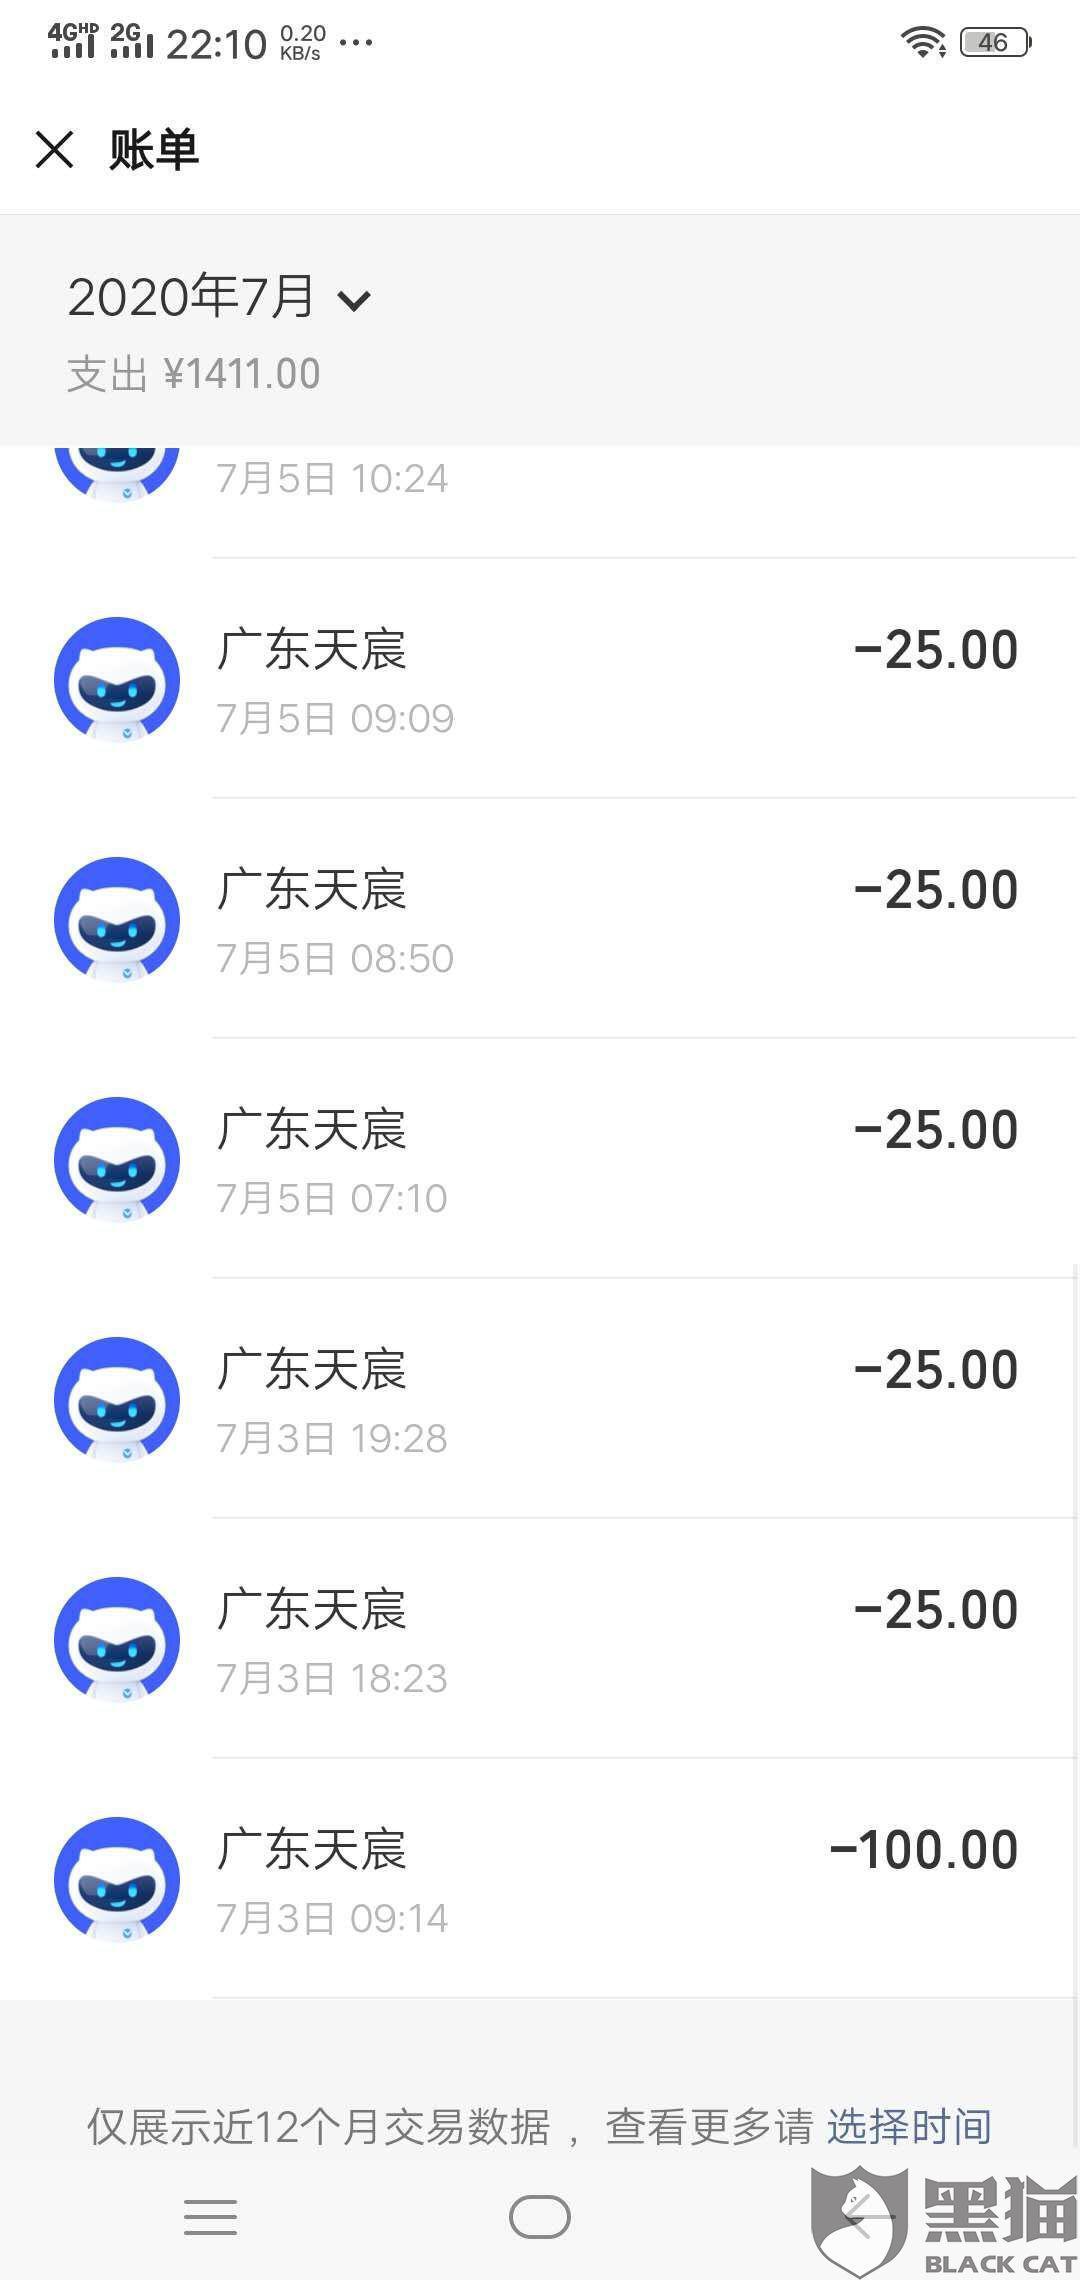 黑猫投诉:未成年人玩游戏广东天宸网络科技有限公司在家里人不知情的情况下花了1411元